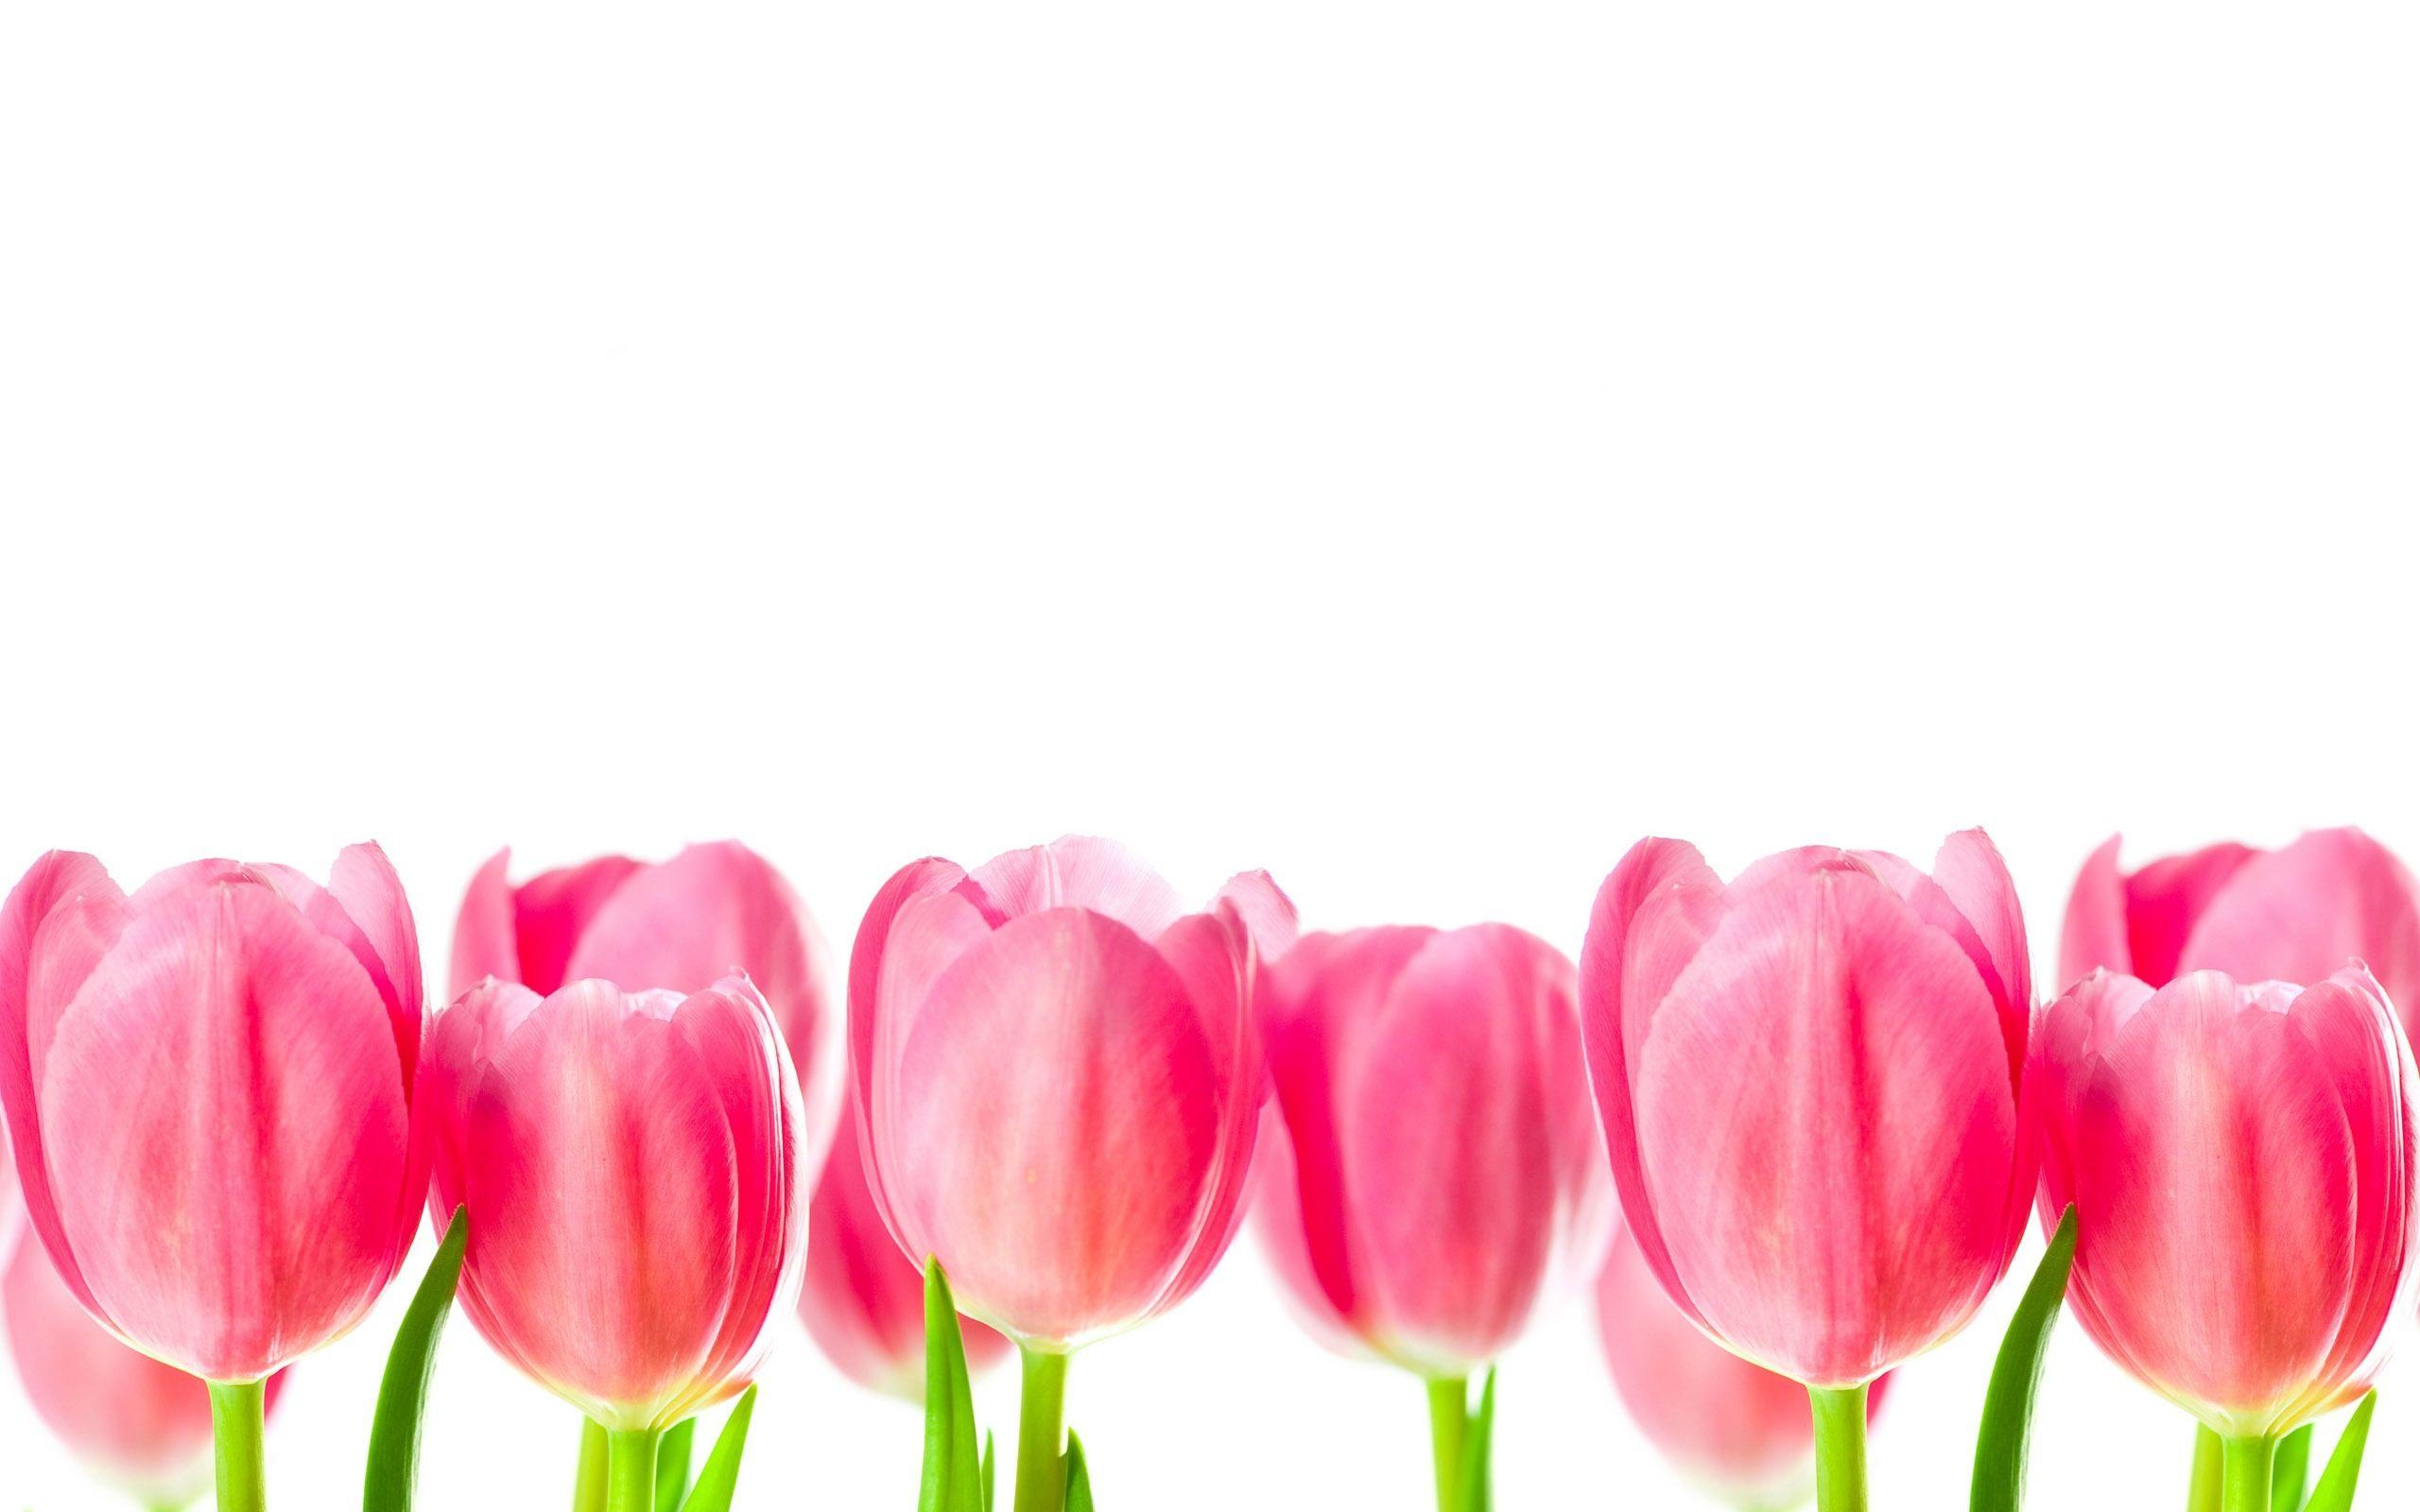 Pink Tulips Fondos De Pantalla Tulipanes Fondos Imagenes De Fondo